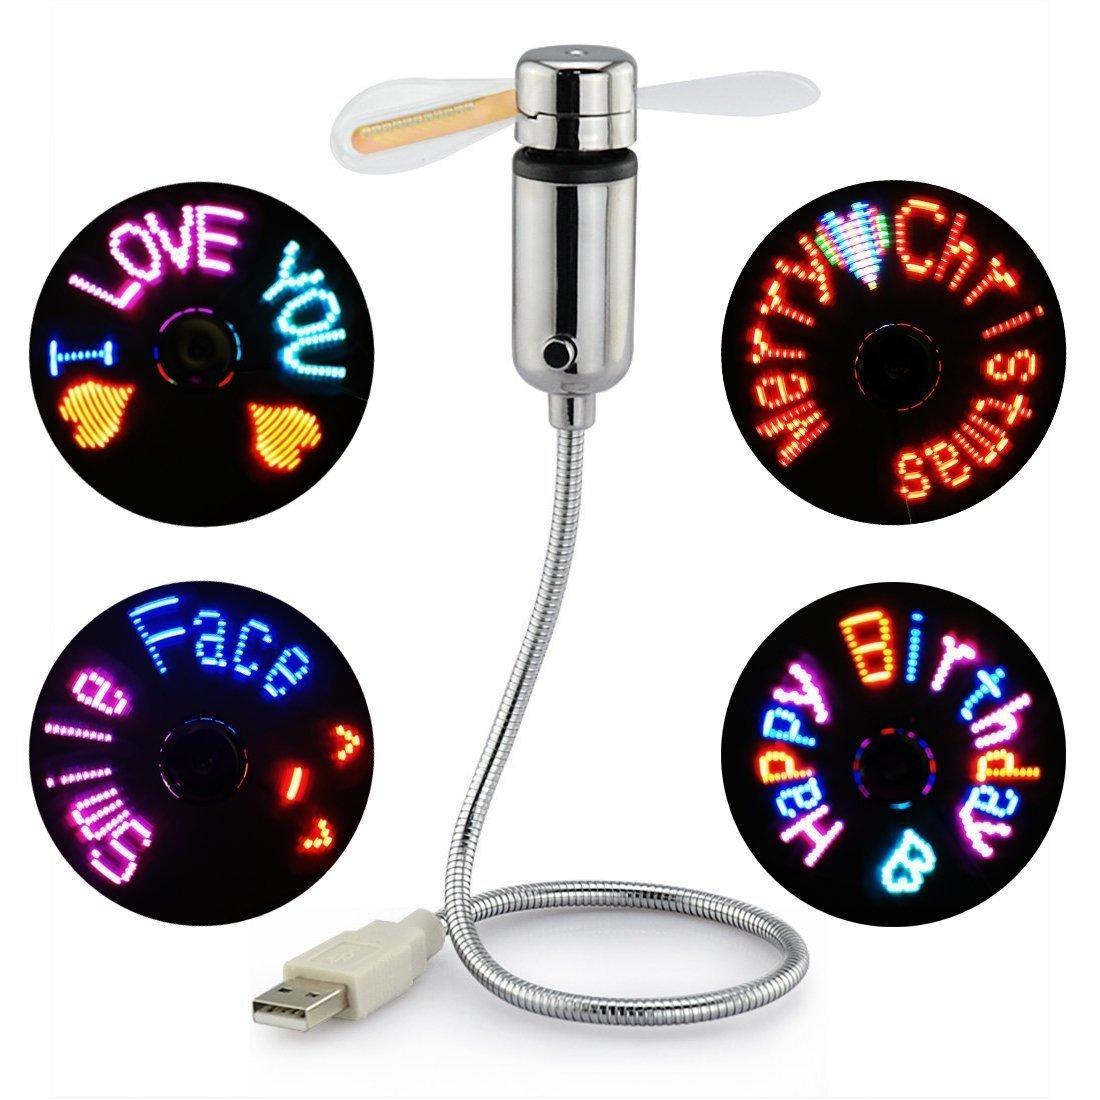 New Creative USB Fan,WMLIFE USB LED RGB Programmable Fan Flexible Gooseneck Mini USB Programmable Fan for PC Laptop Notebook Desktops (RGB LED)